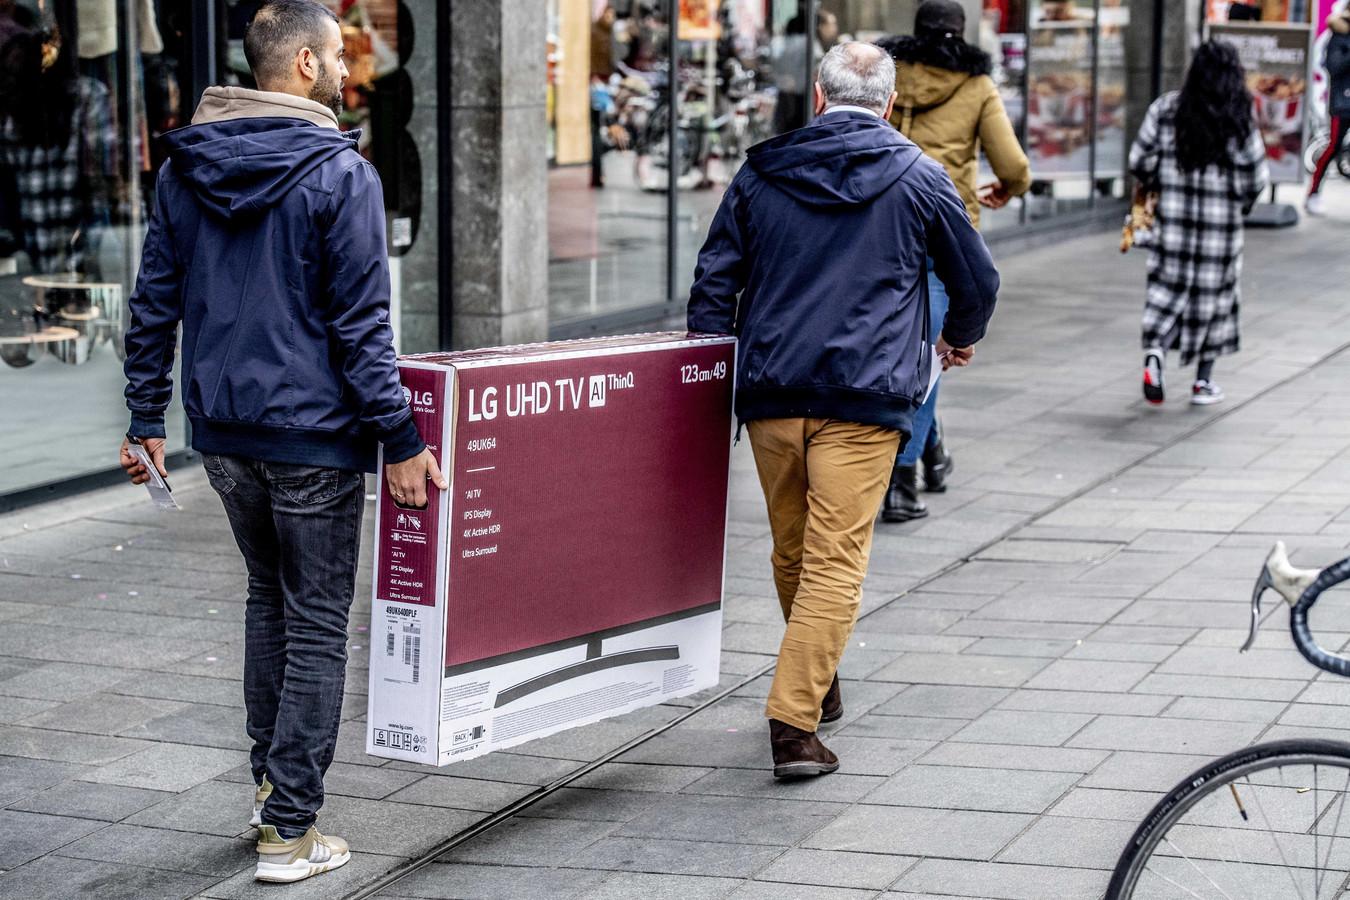 Vooral elektronicawinkels deden goede zaken na de versoepeling van de coronamaatregelen.